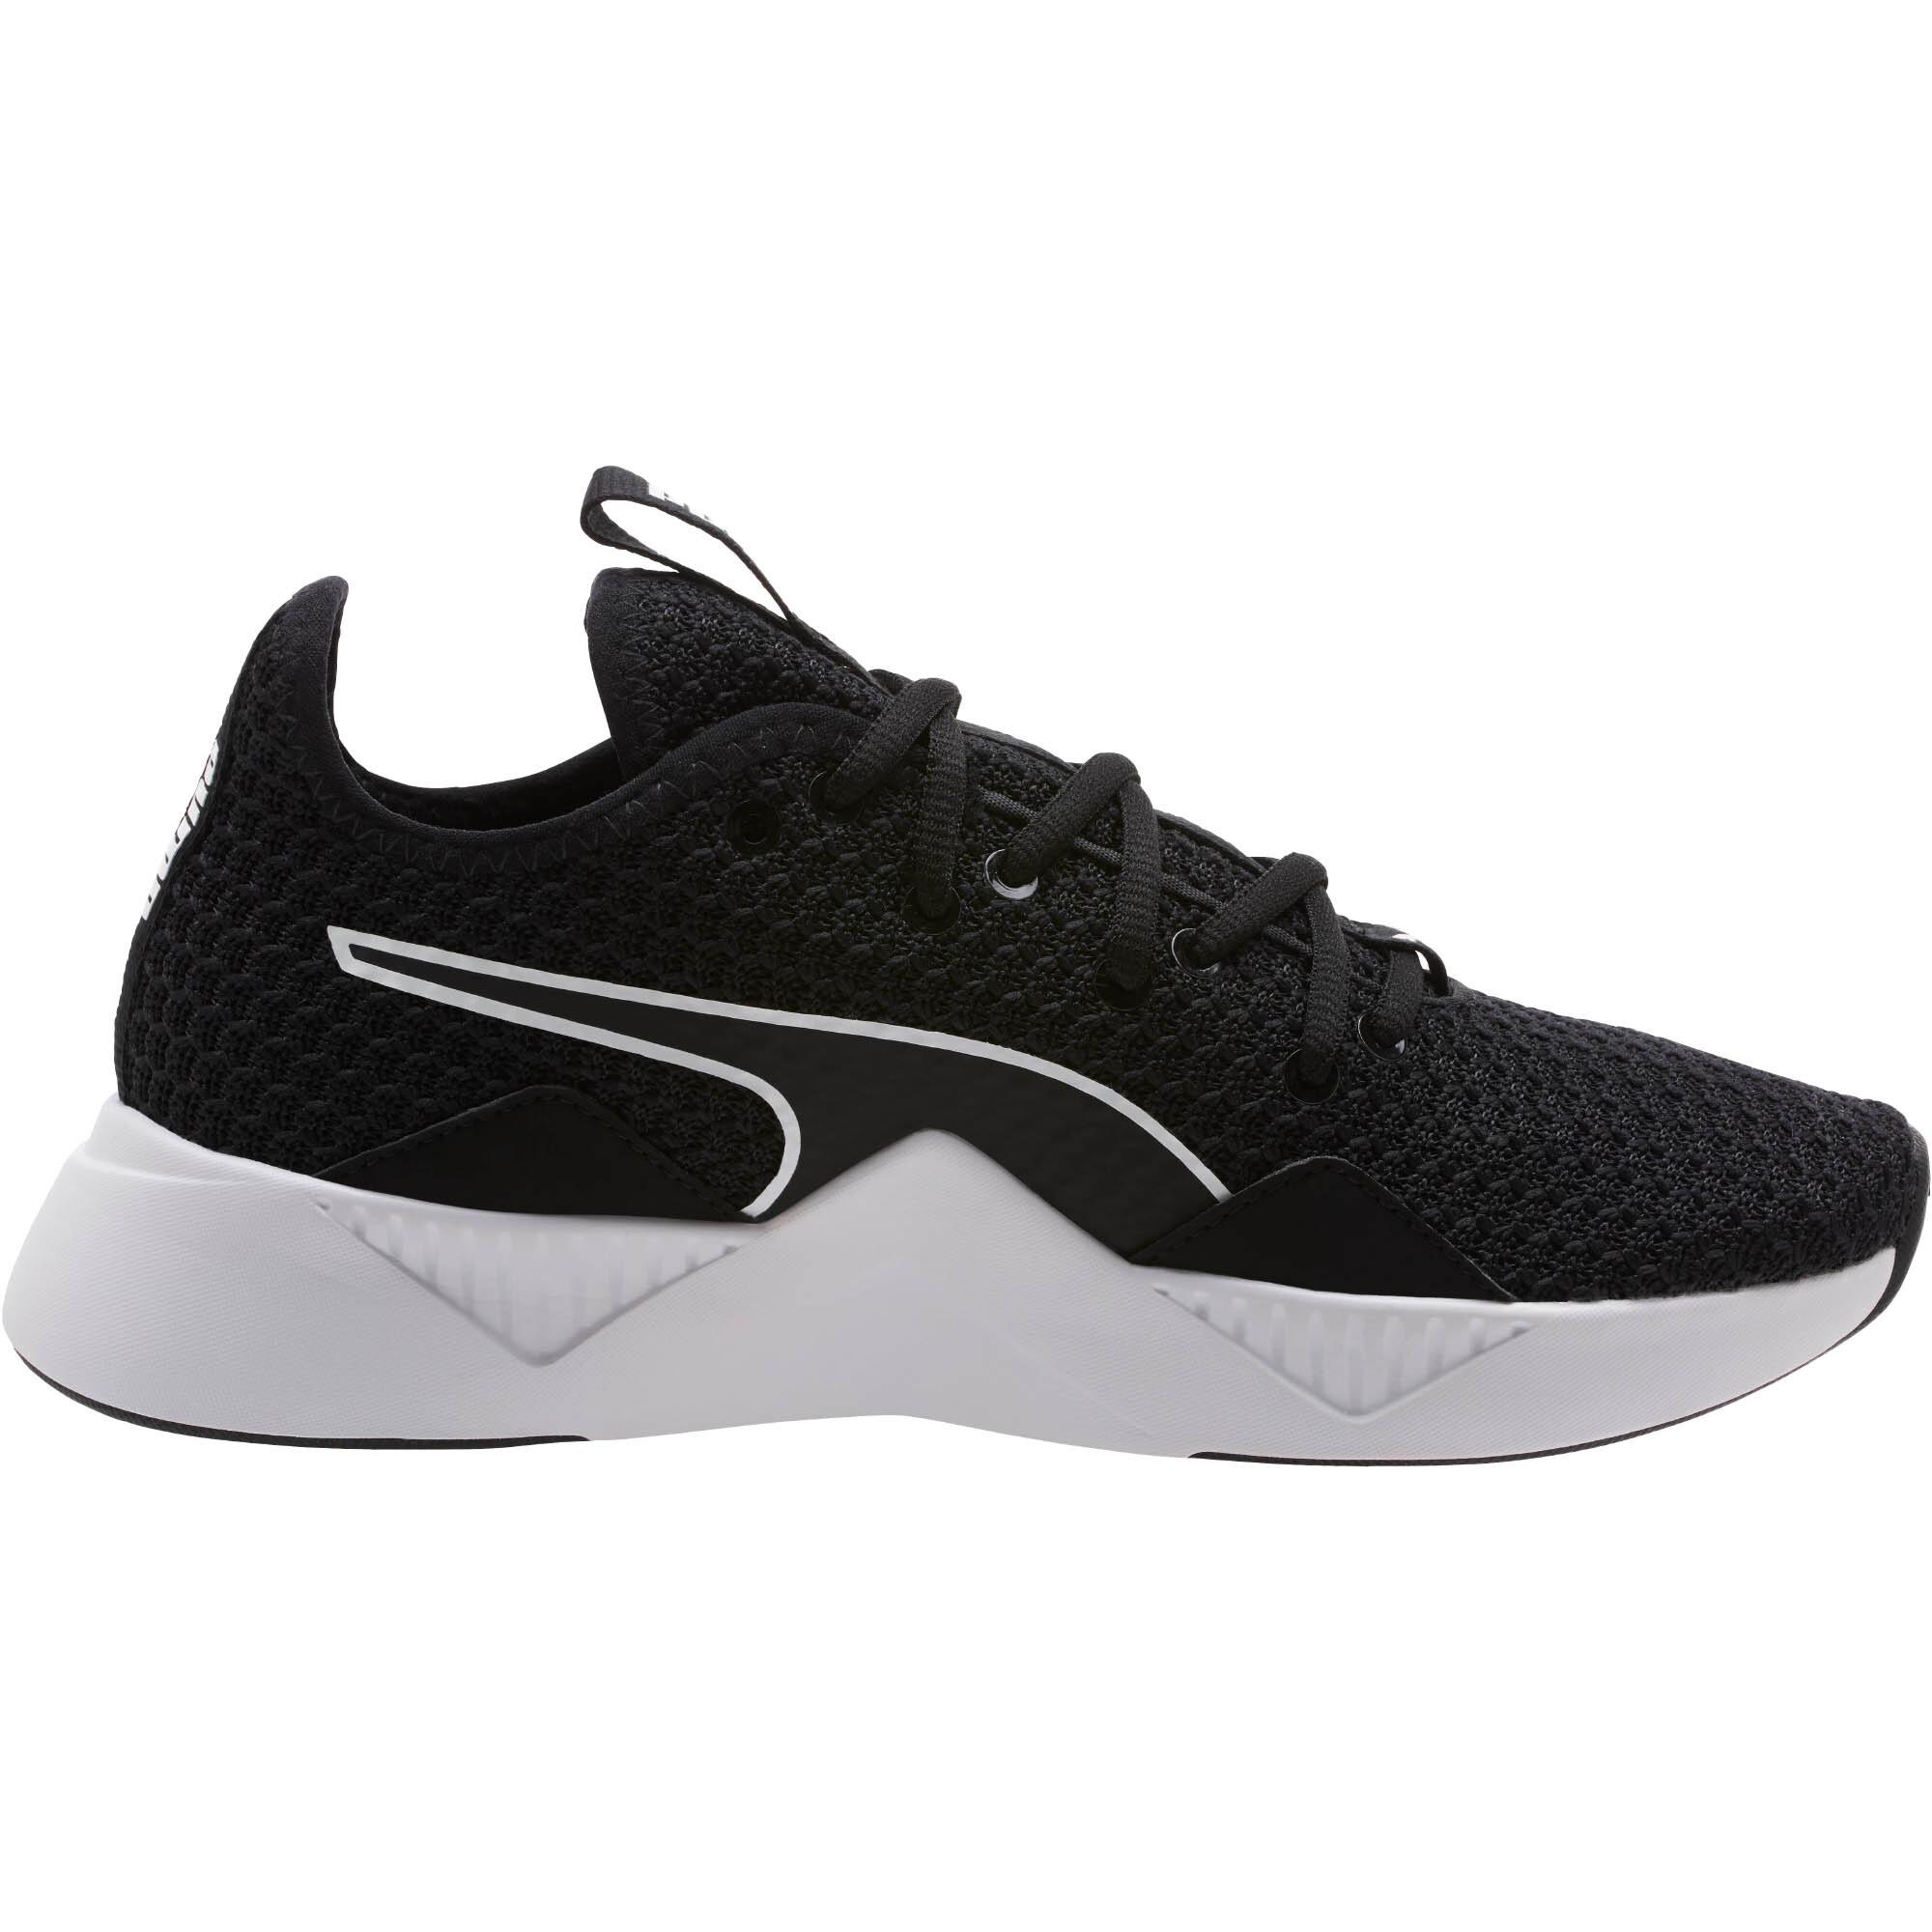 PUMA-Incite-FS-Women-039-s-Training-Shoes-Women-Shoe-Training thumbnail 30